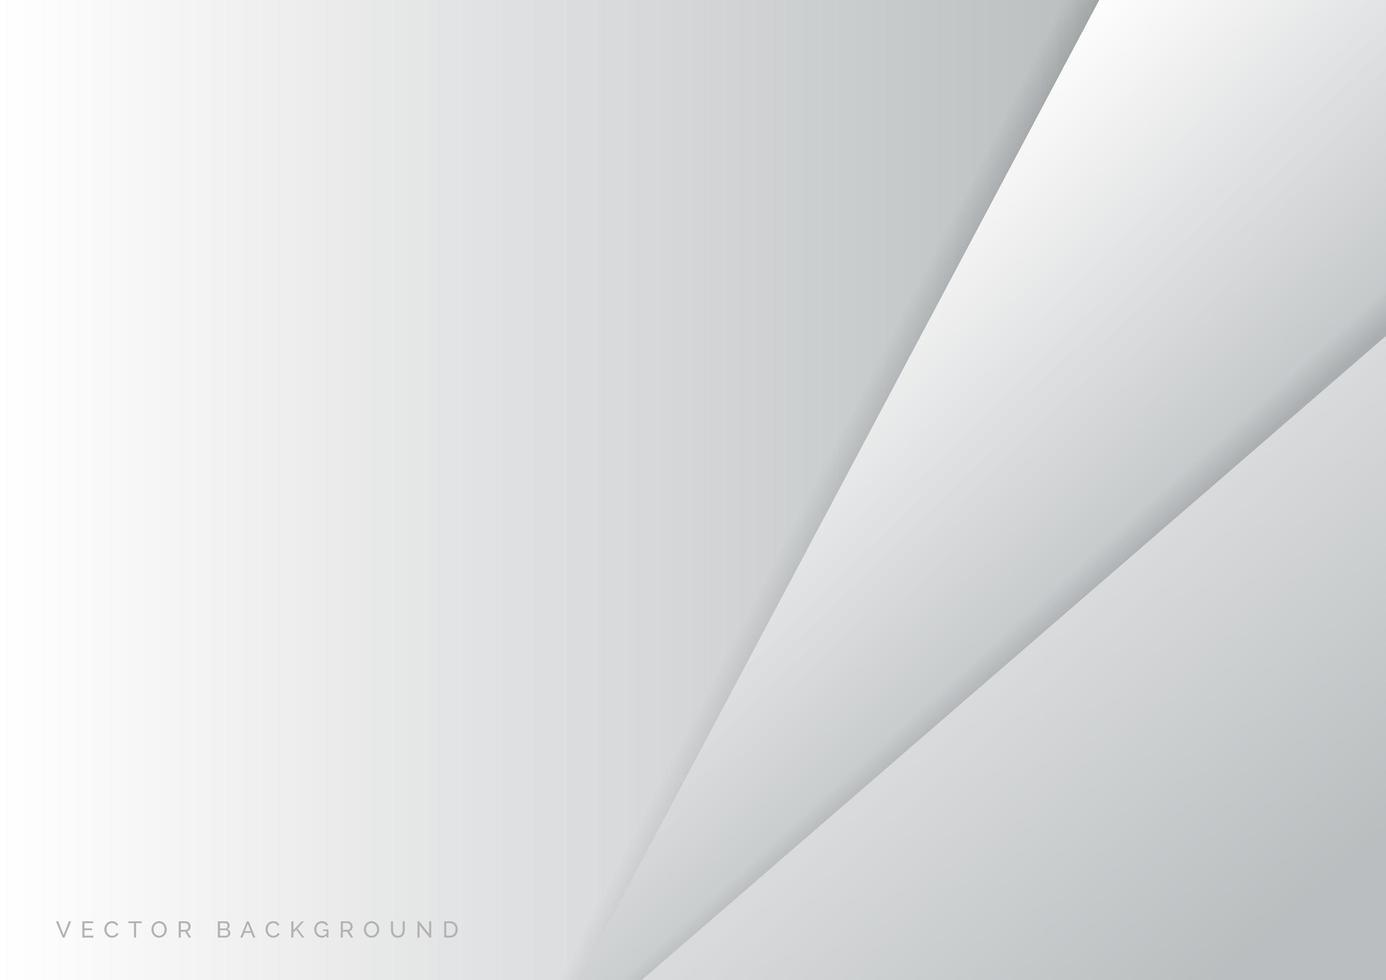 astratto moderno design grigio e bianco strato di carta sullo sfondo vettore